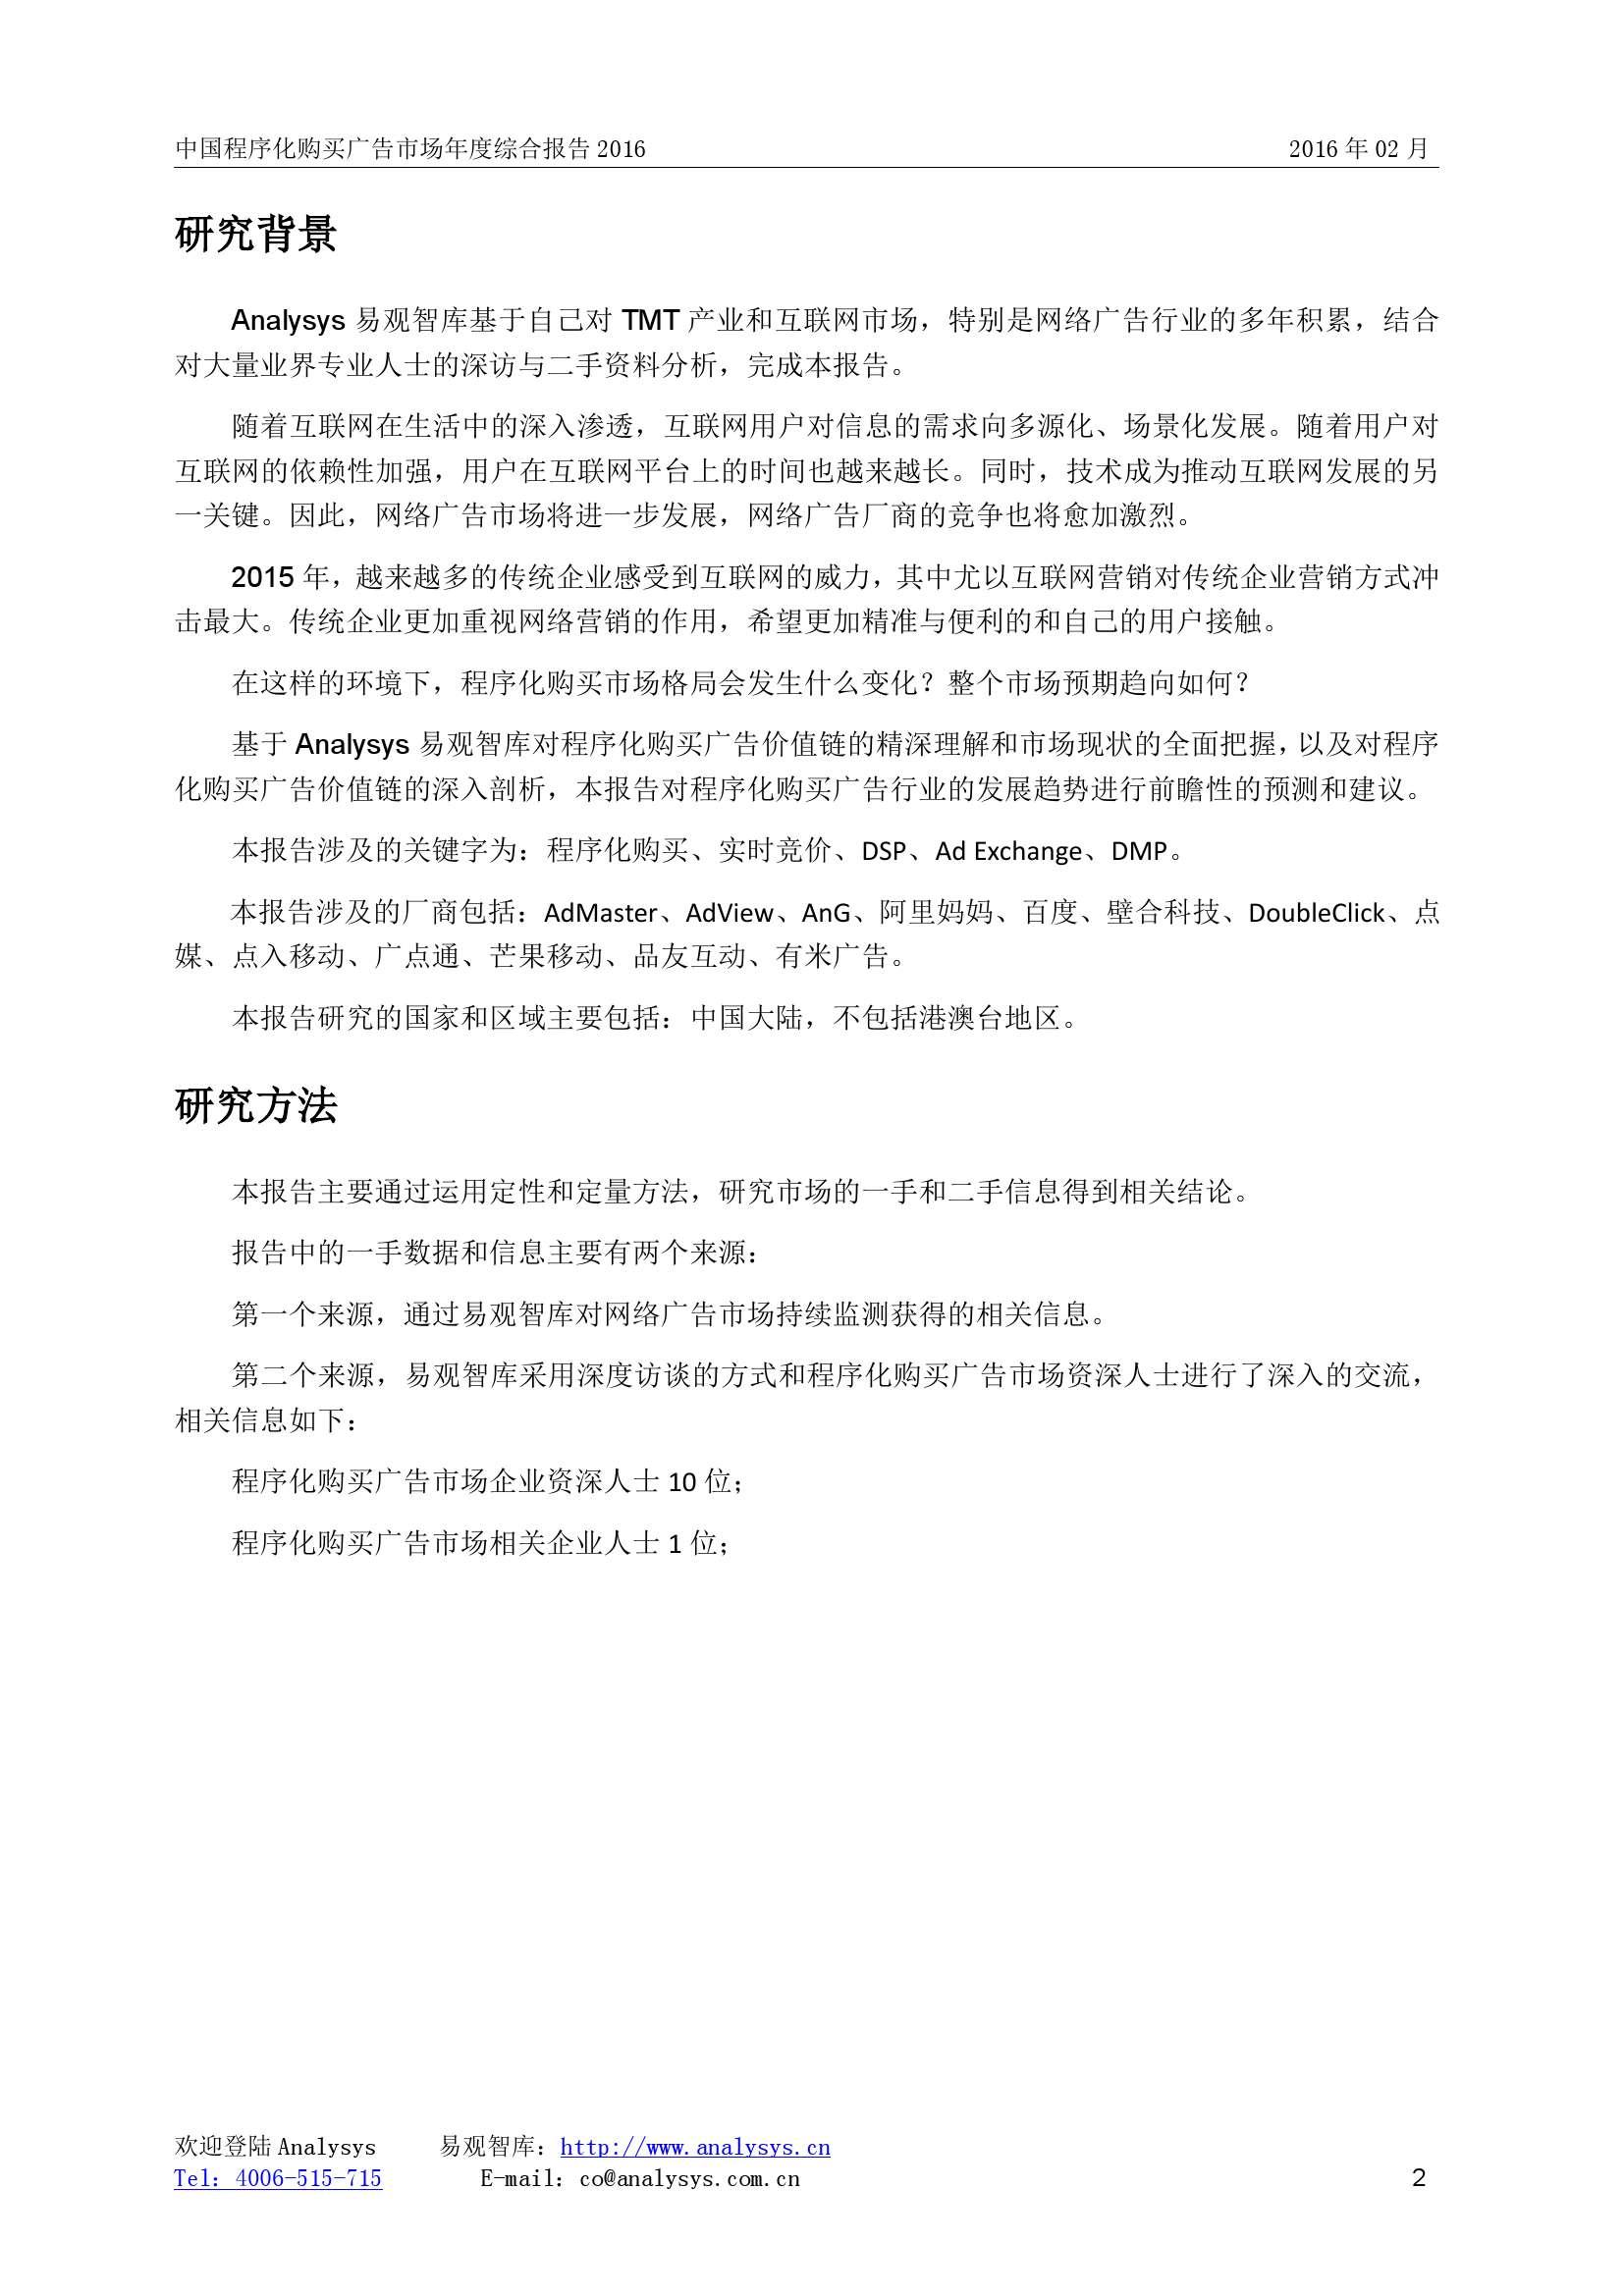 中国程序化购买广告市场年度综合报告2016_000002